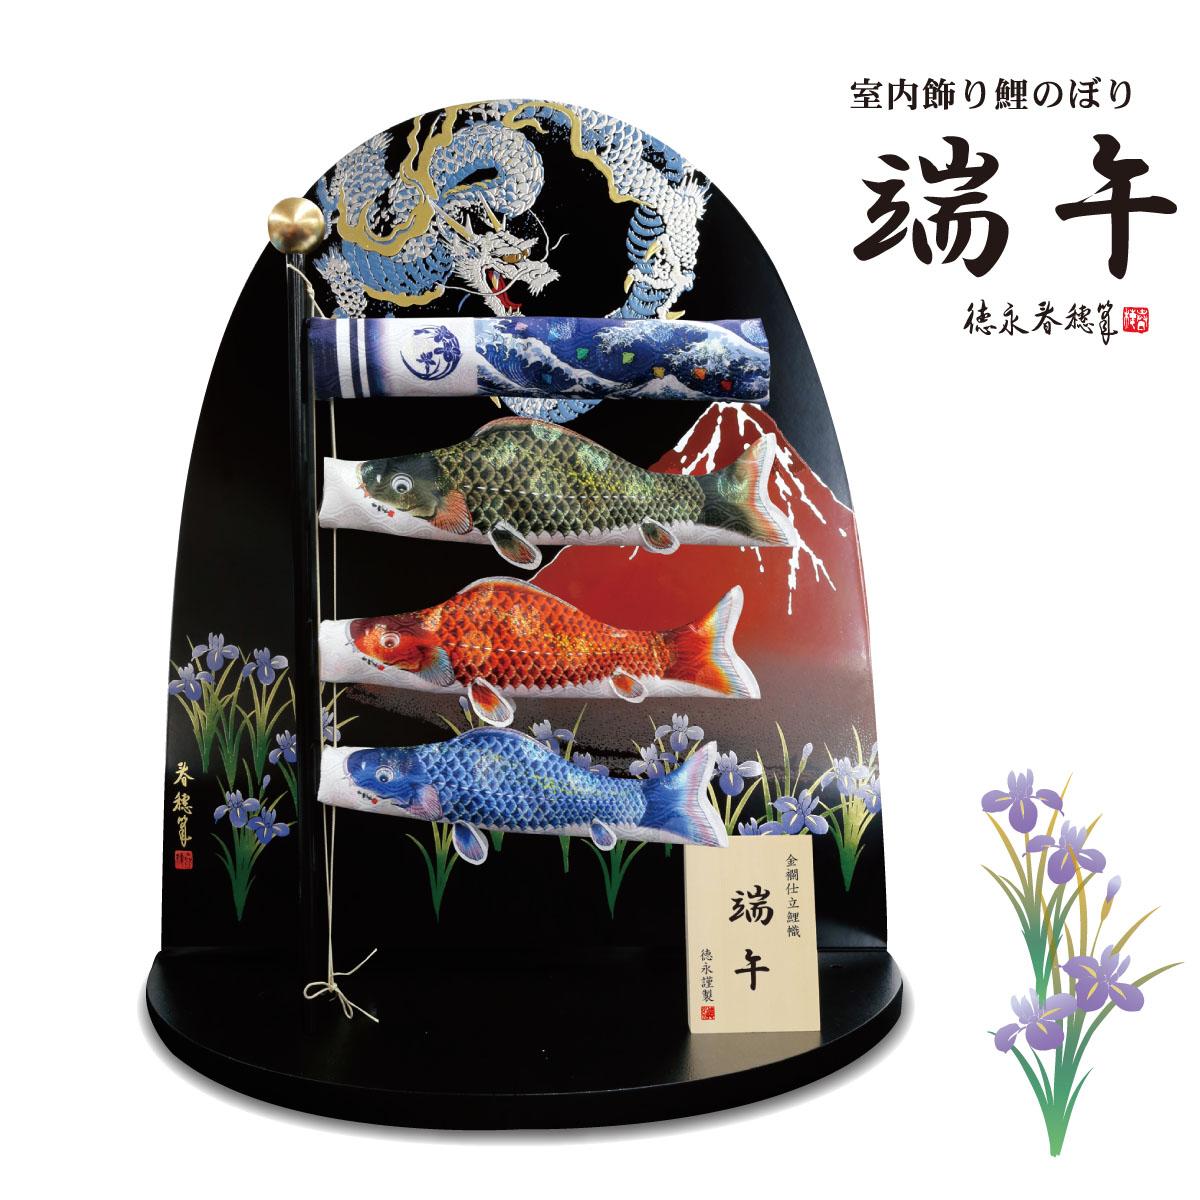 室内用鯉のぼり 室内こいのぼり飾り 端午 KOI-T-410-100室内用 こいのぼり 徳永鯉のぼり